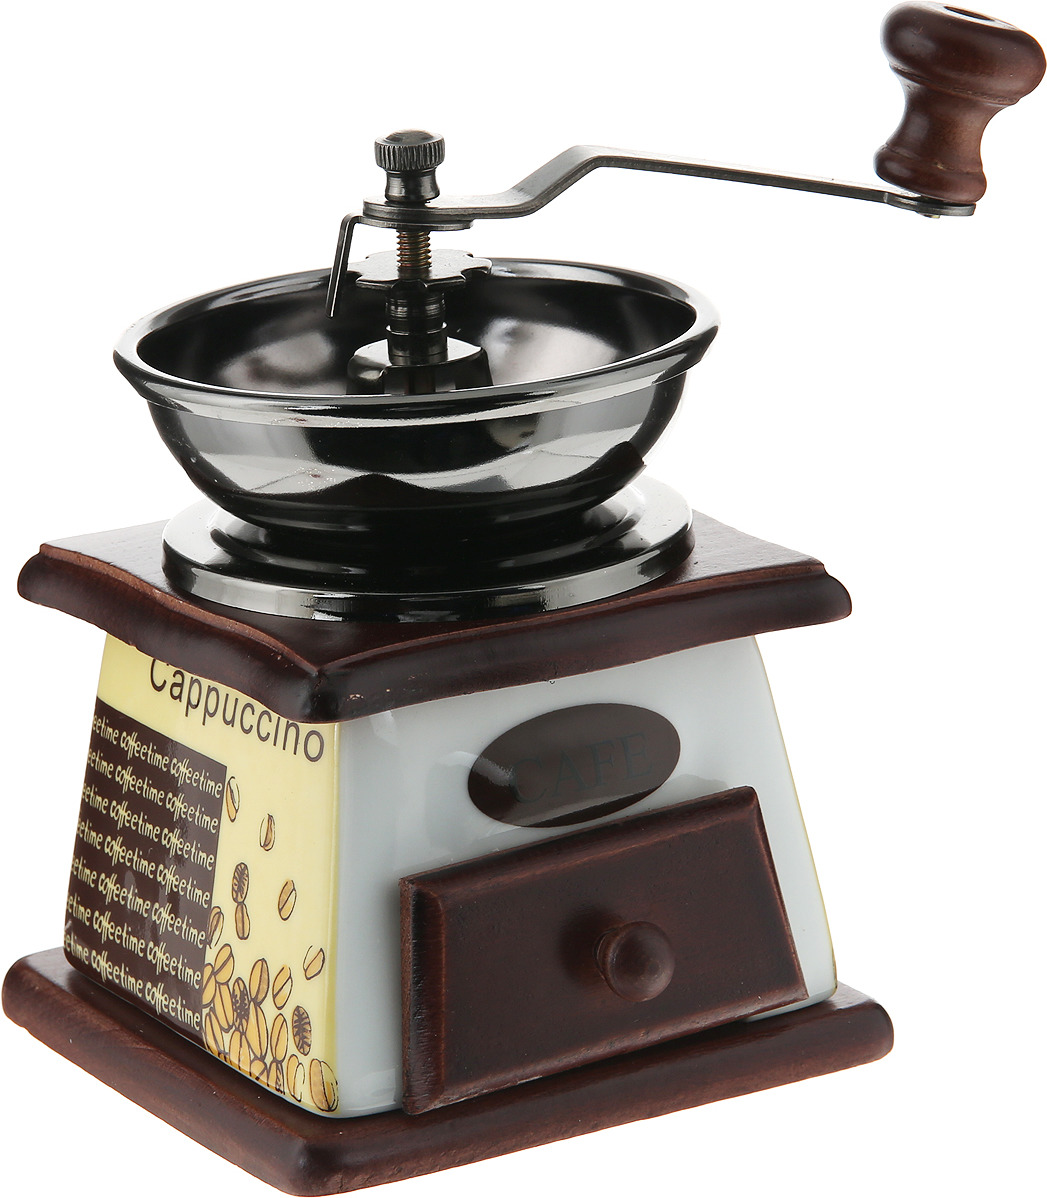 Ручная кофемолка Mayer & Boch, 27830, коричневый, белый